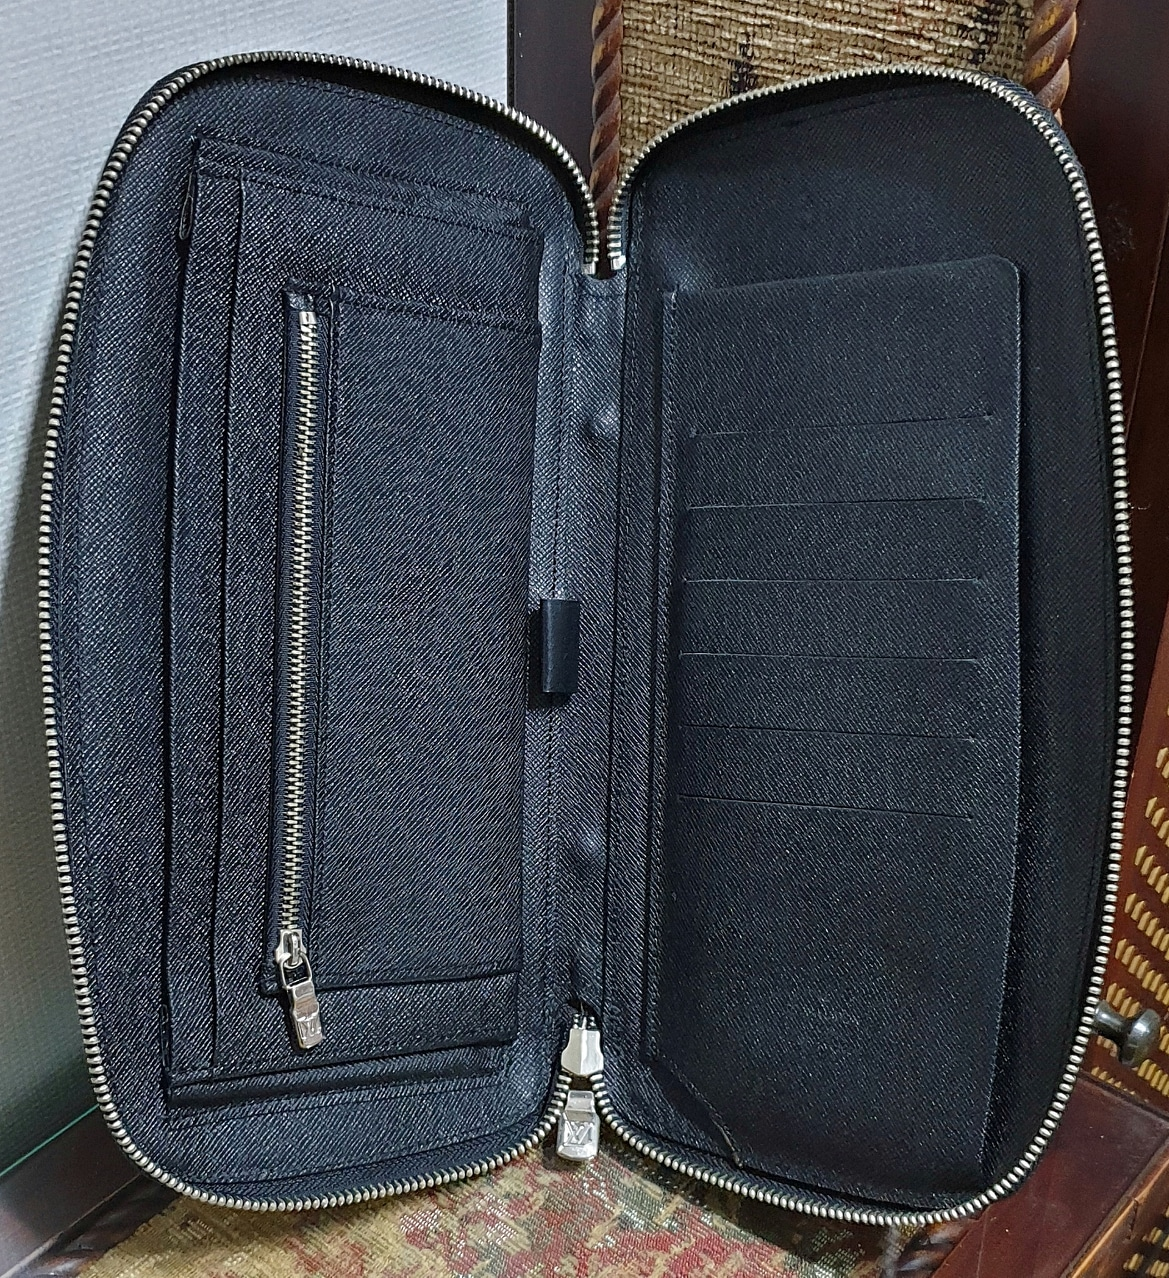 남녀공용 타이가 가죽 서류지갑 다용도지갑 클러치 파우치 통장지갑 여권지갑 휴대폰지갑